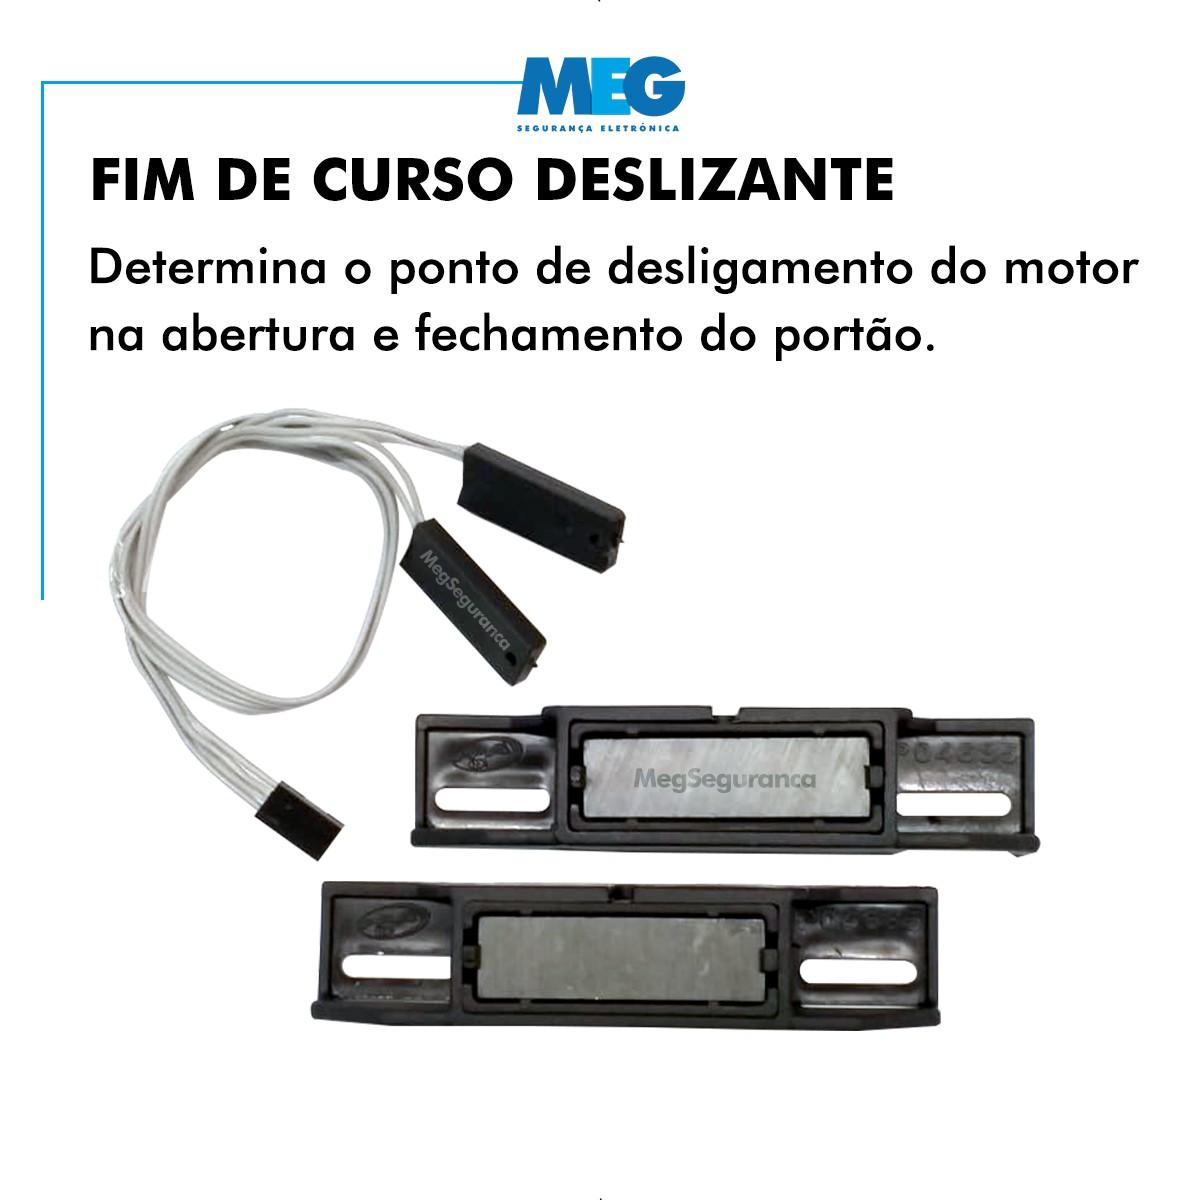 Kit 1 Motor PPA DZ Rio Jetflex 2 Controles Portão Eletrônico 350kg